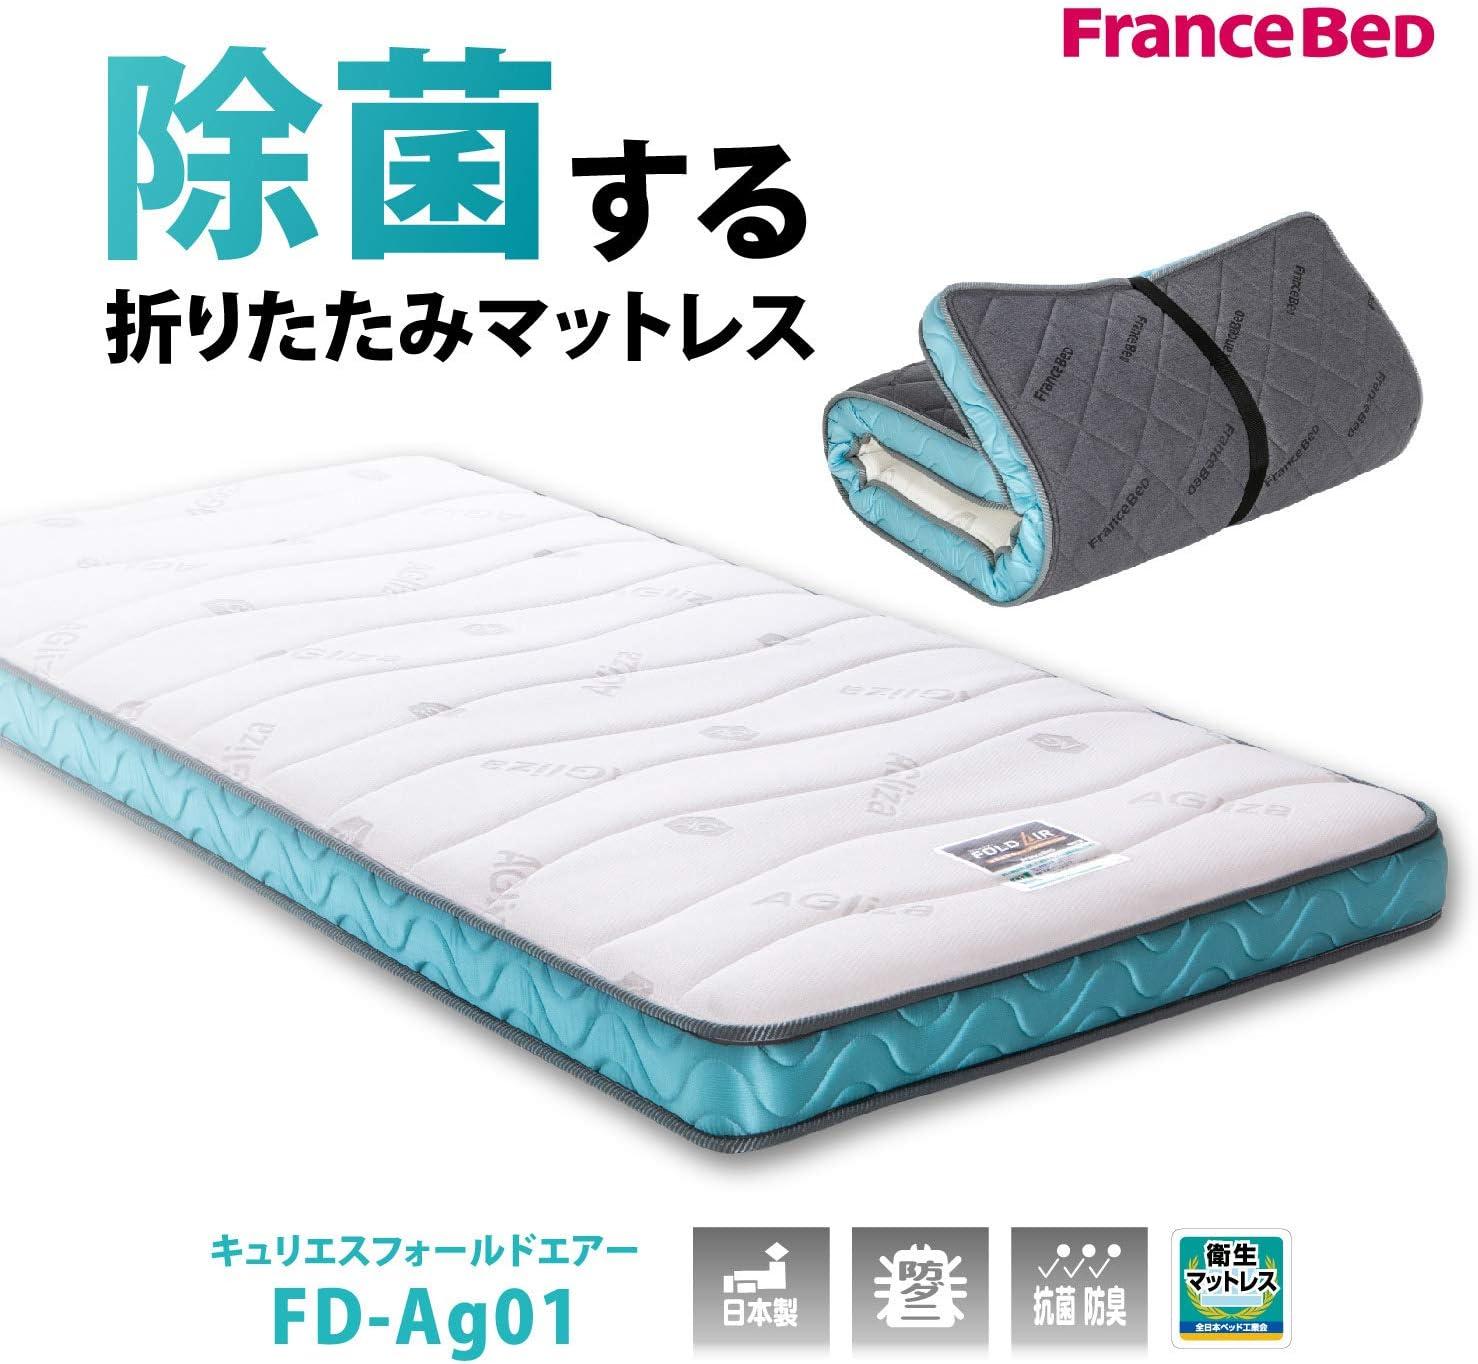 キュリエスAg FD-Ag01 シングル | Sleepee(スリーピー)